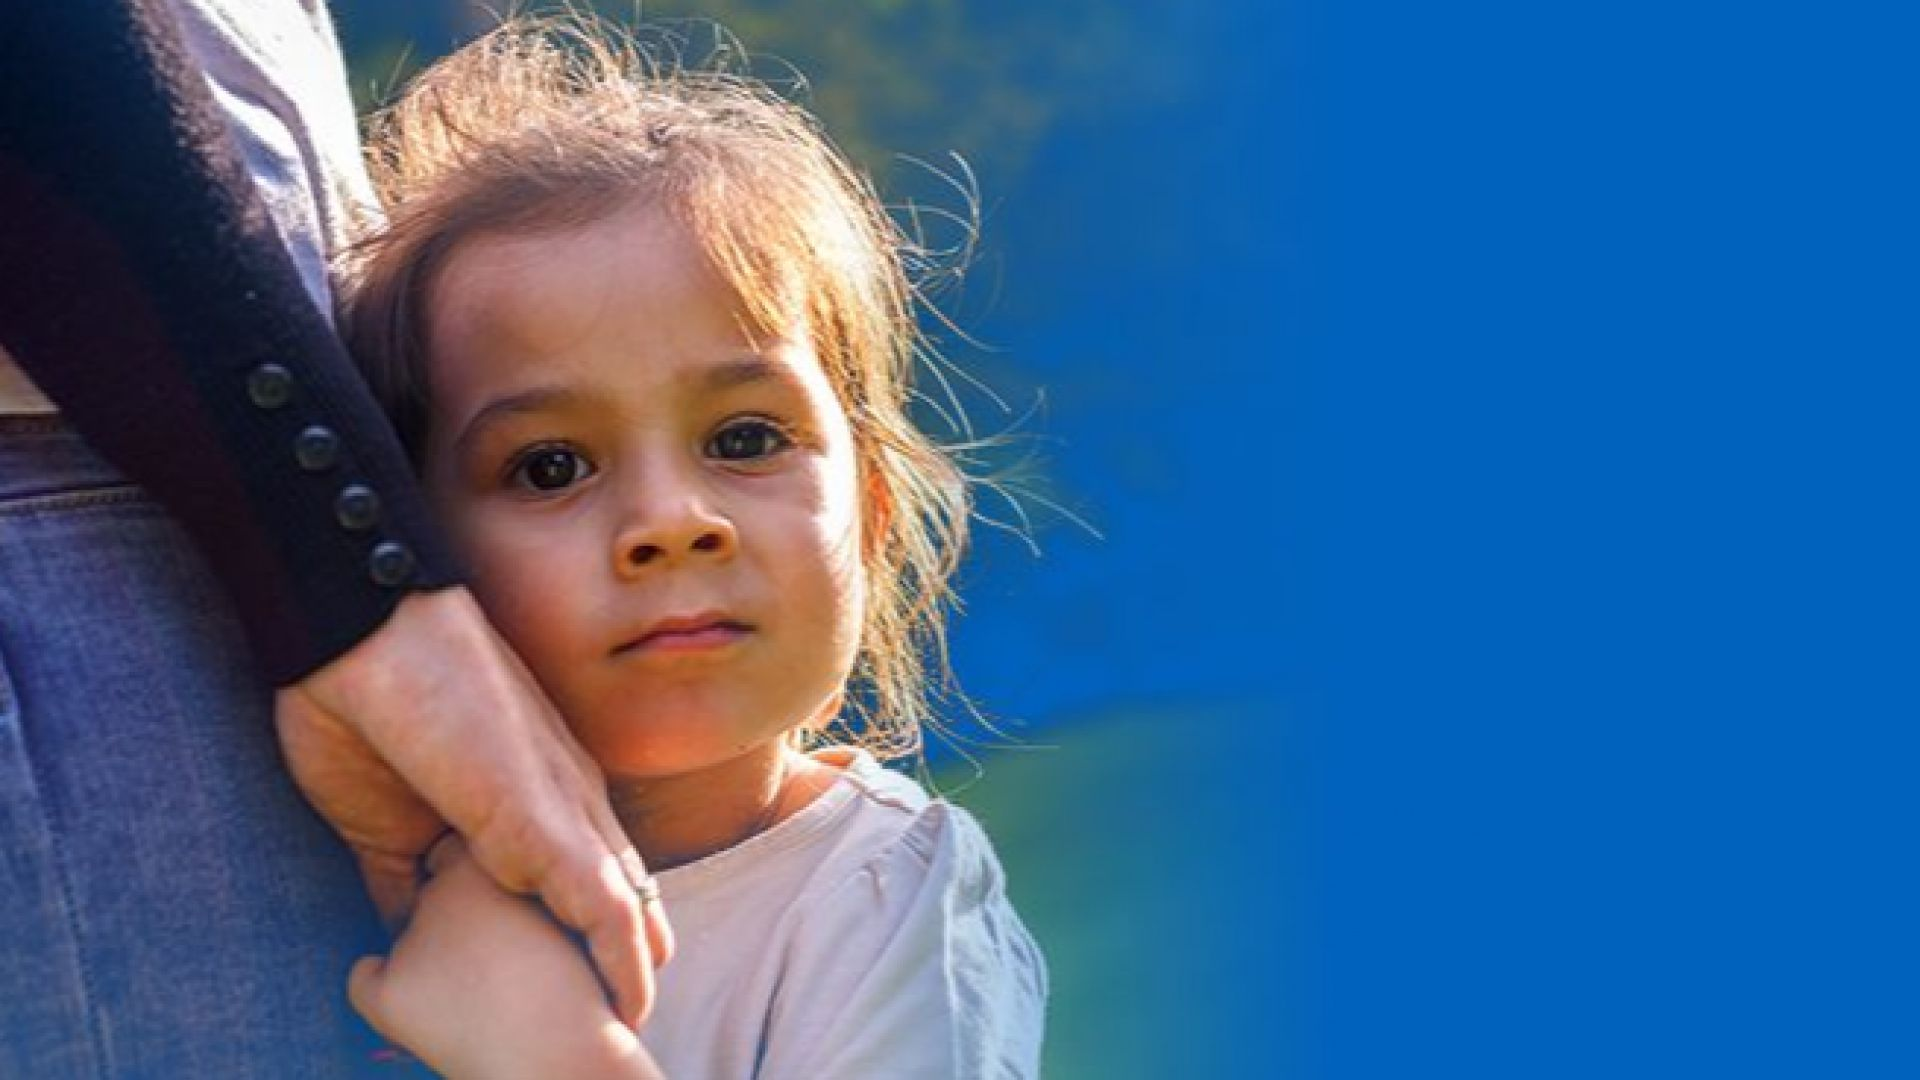 Кои са най-важните правила в развитието на децата?